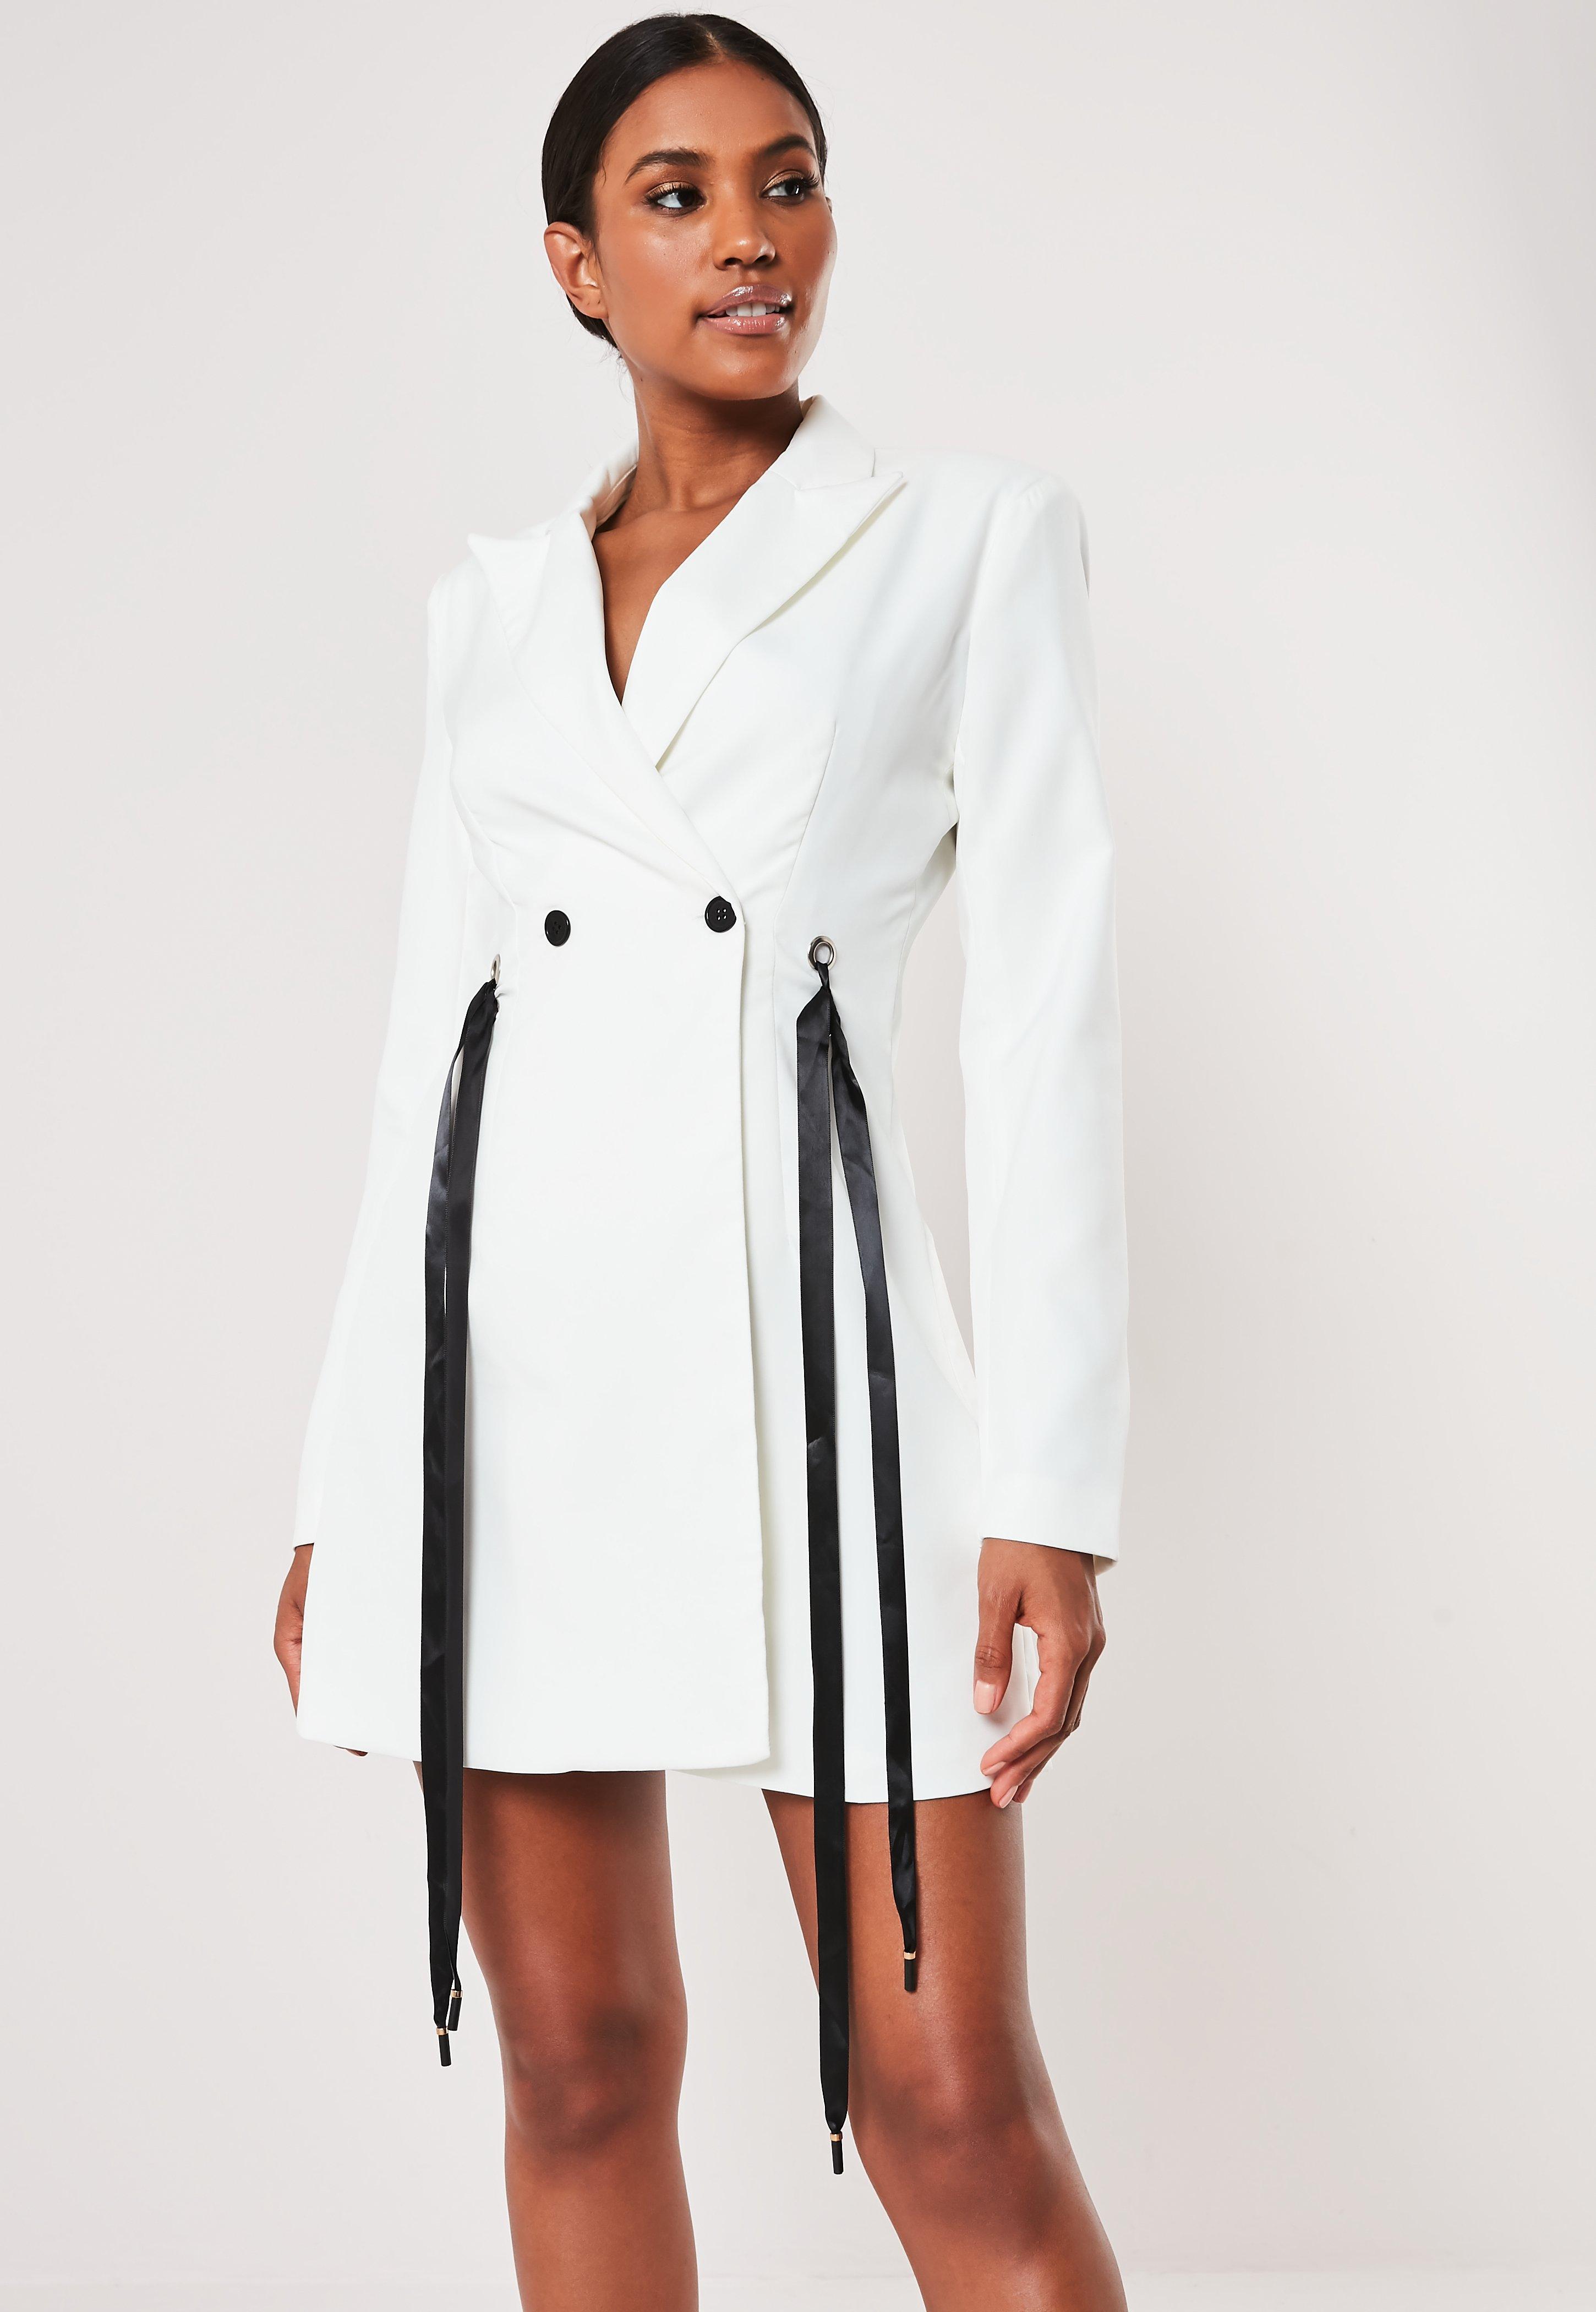 dc276d8627fb5d Kleider mit V-Ausschnitt & tiefem Ausschnitt - Missguided DE